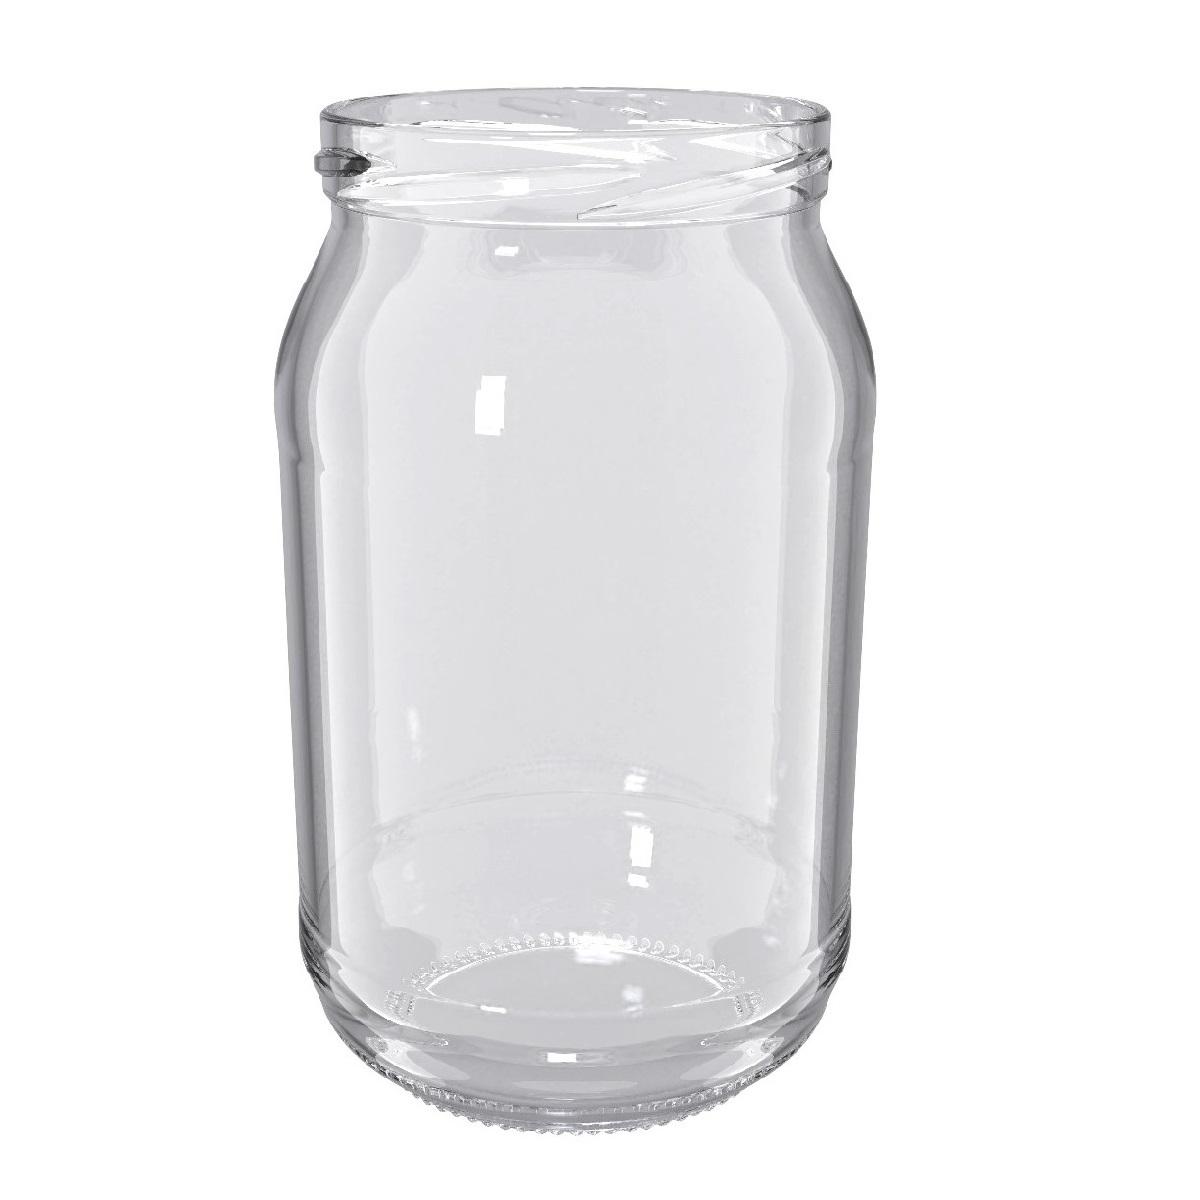 S³oje zakrêcane szklane, s³oiki - fi 82 - 900 ml - 8 szt.